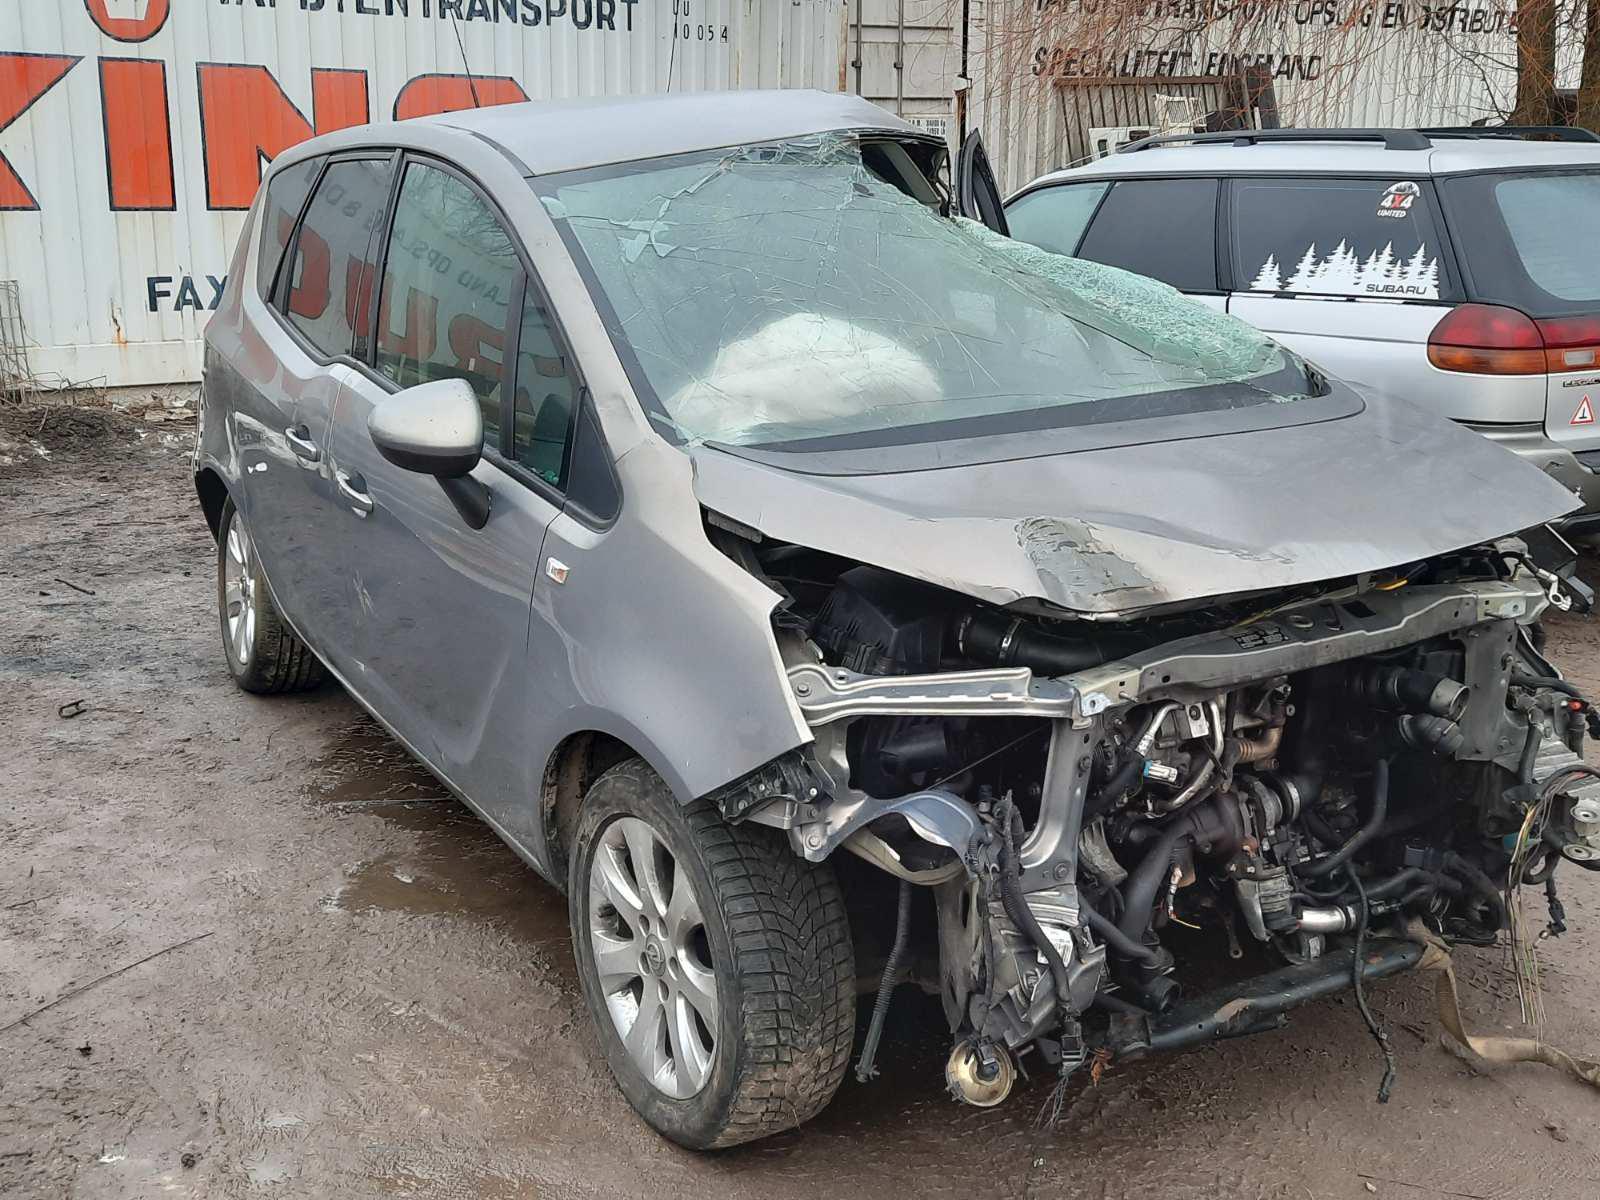 Подержанные Автозапчасти Opel MERIVA 2011 1.7 машиностроение минивэн 4/5 d. Браун 2021-3-04